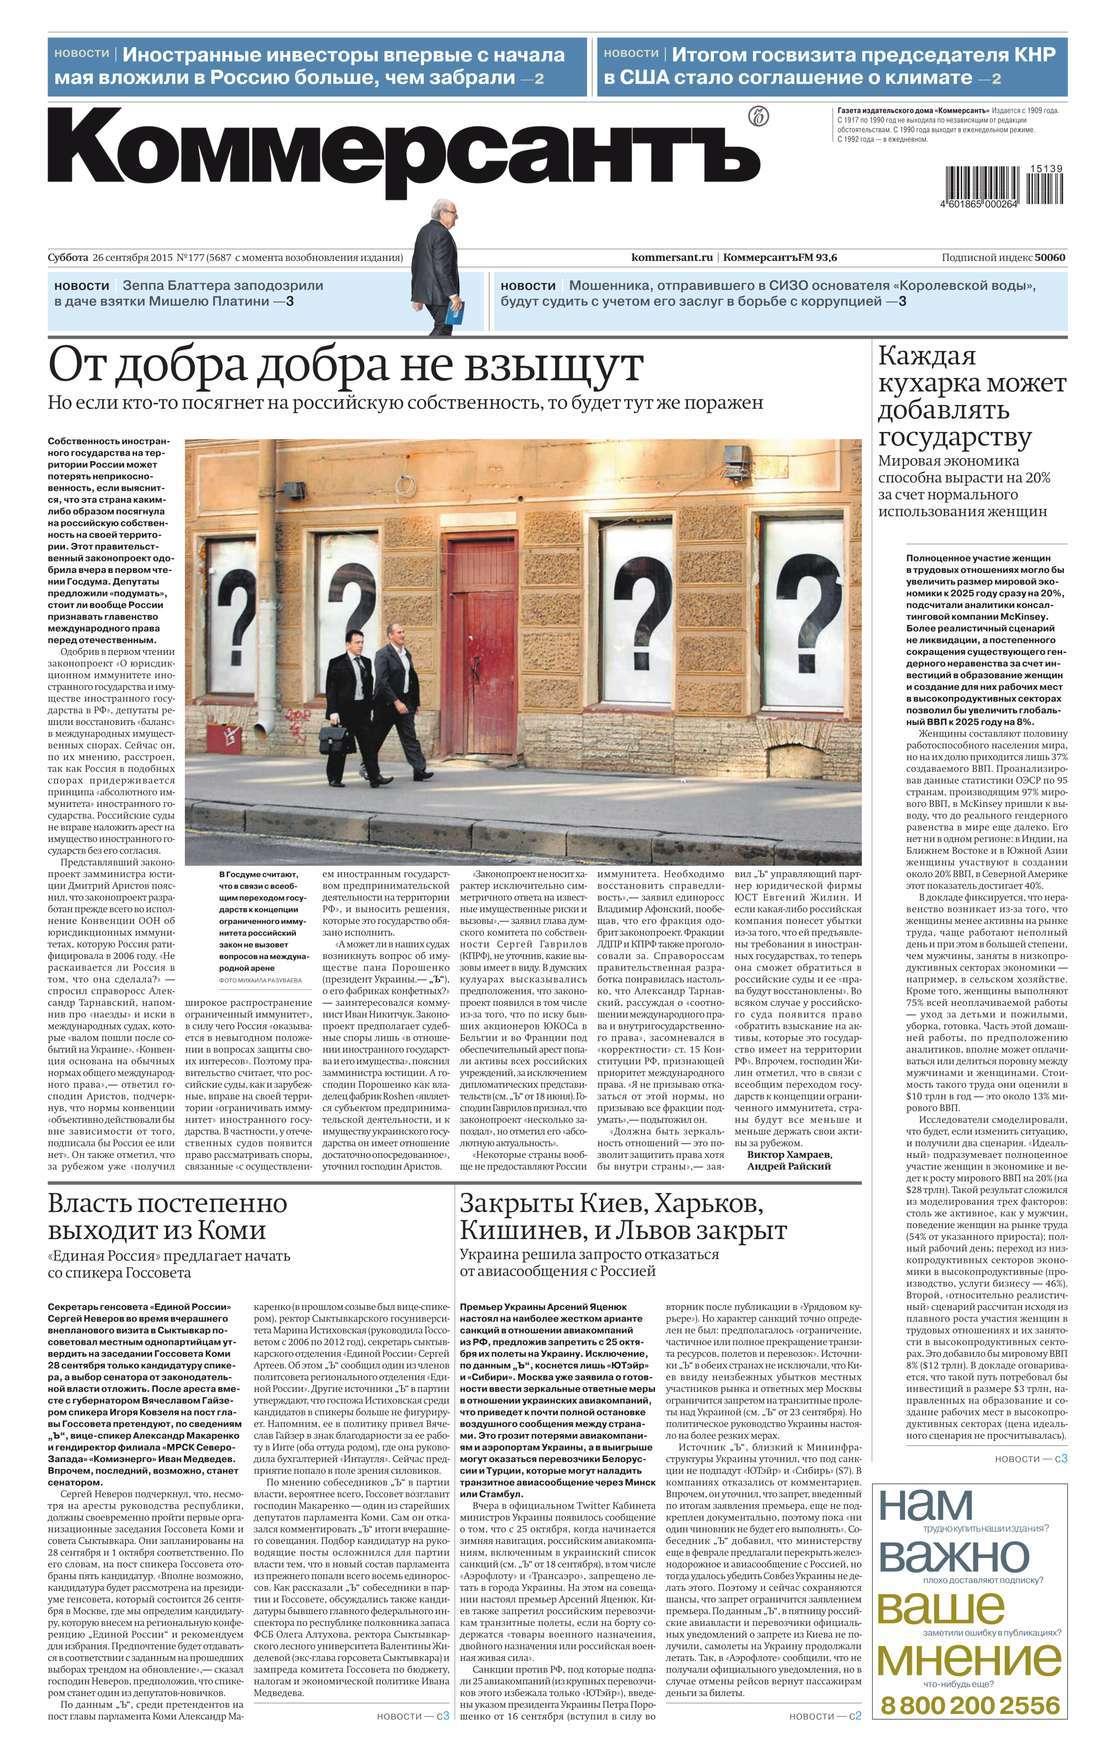 Редакция газеты КоммерсантЪ КоммерсантЪ 177-2015 kampfer mega dream light